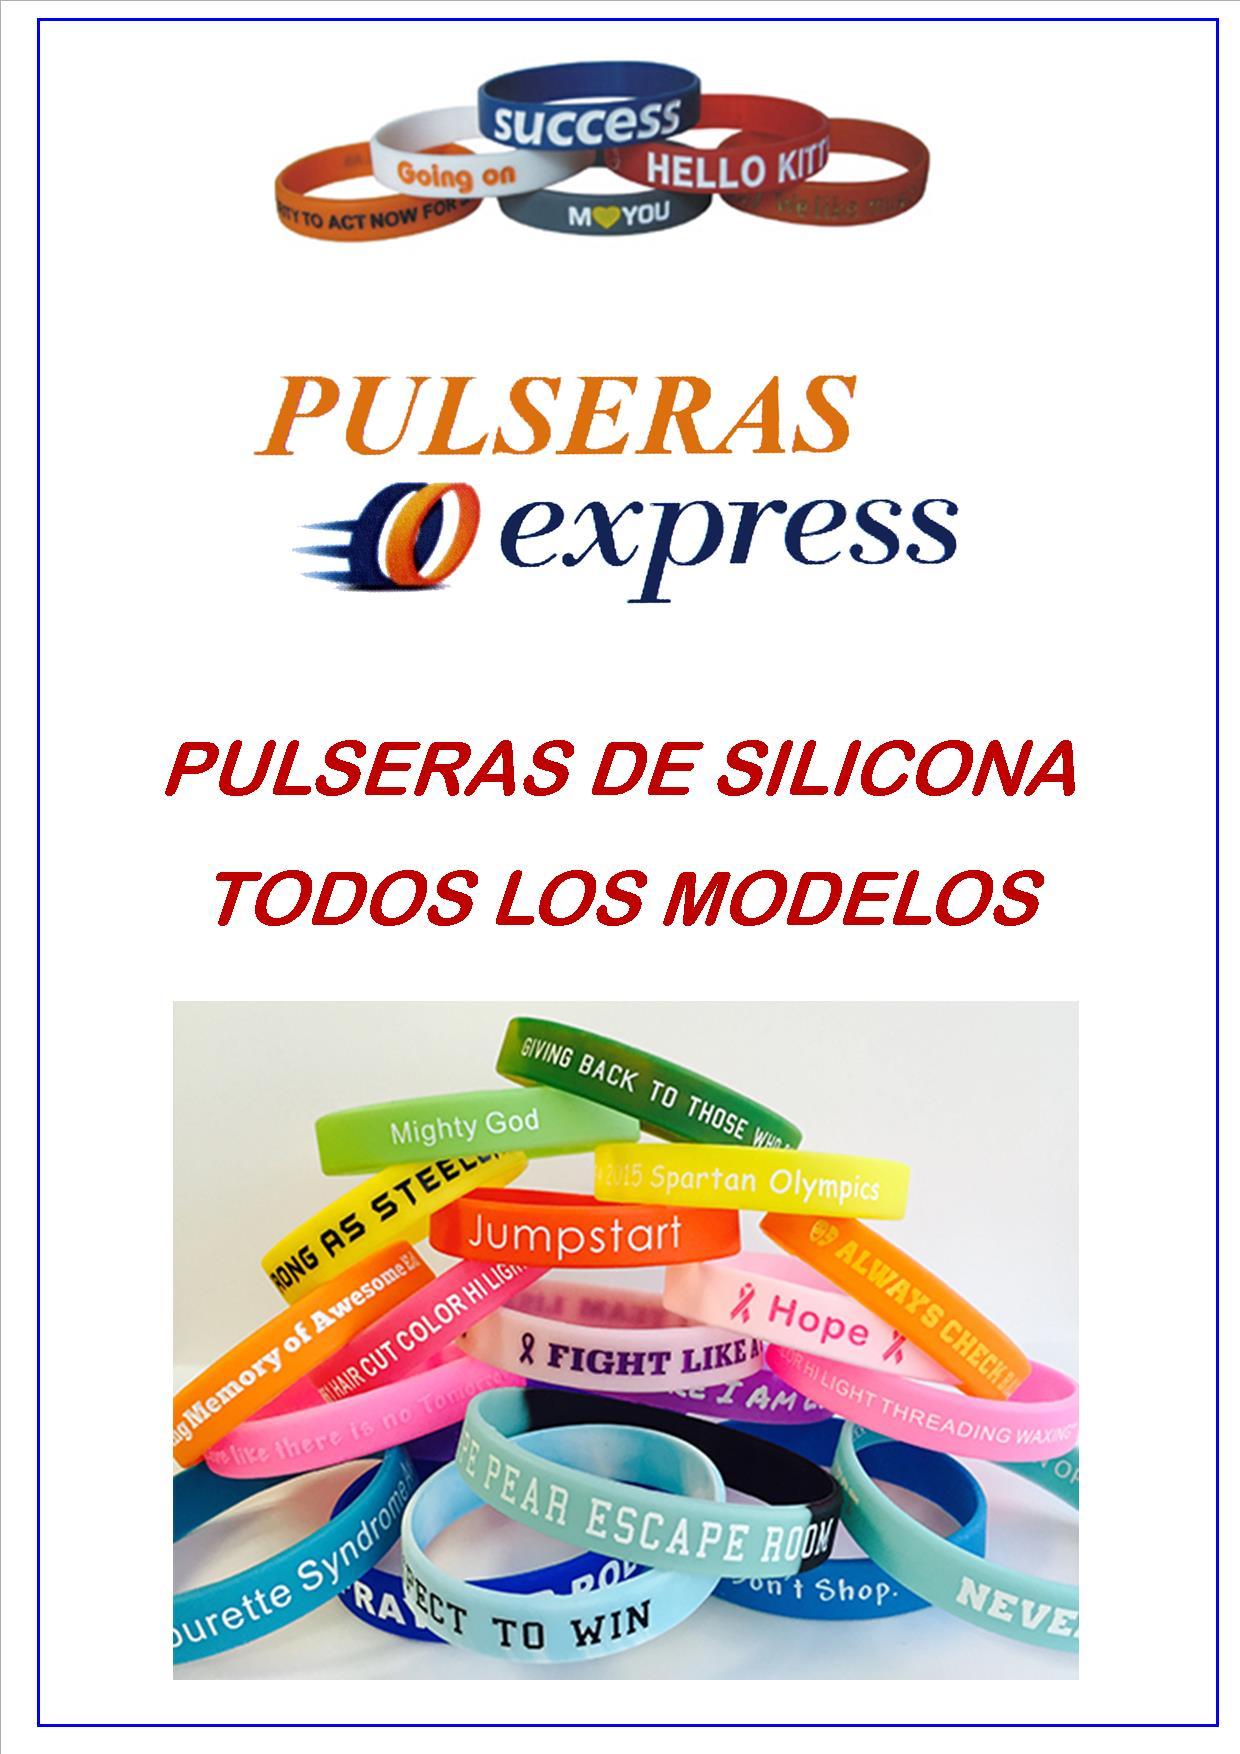 47d8c1e74f82 Pulseras De Silicona - Pulseras Express